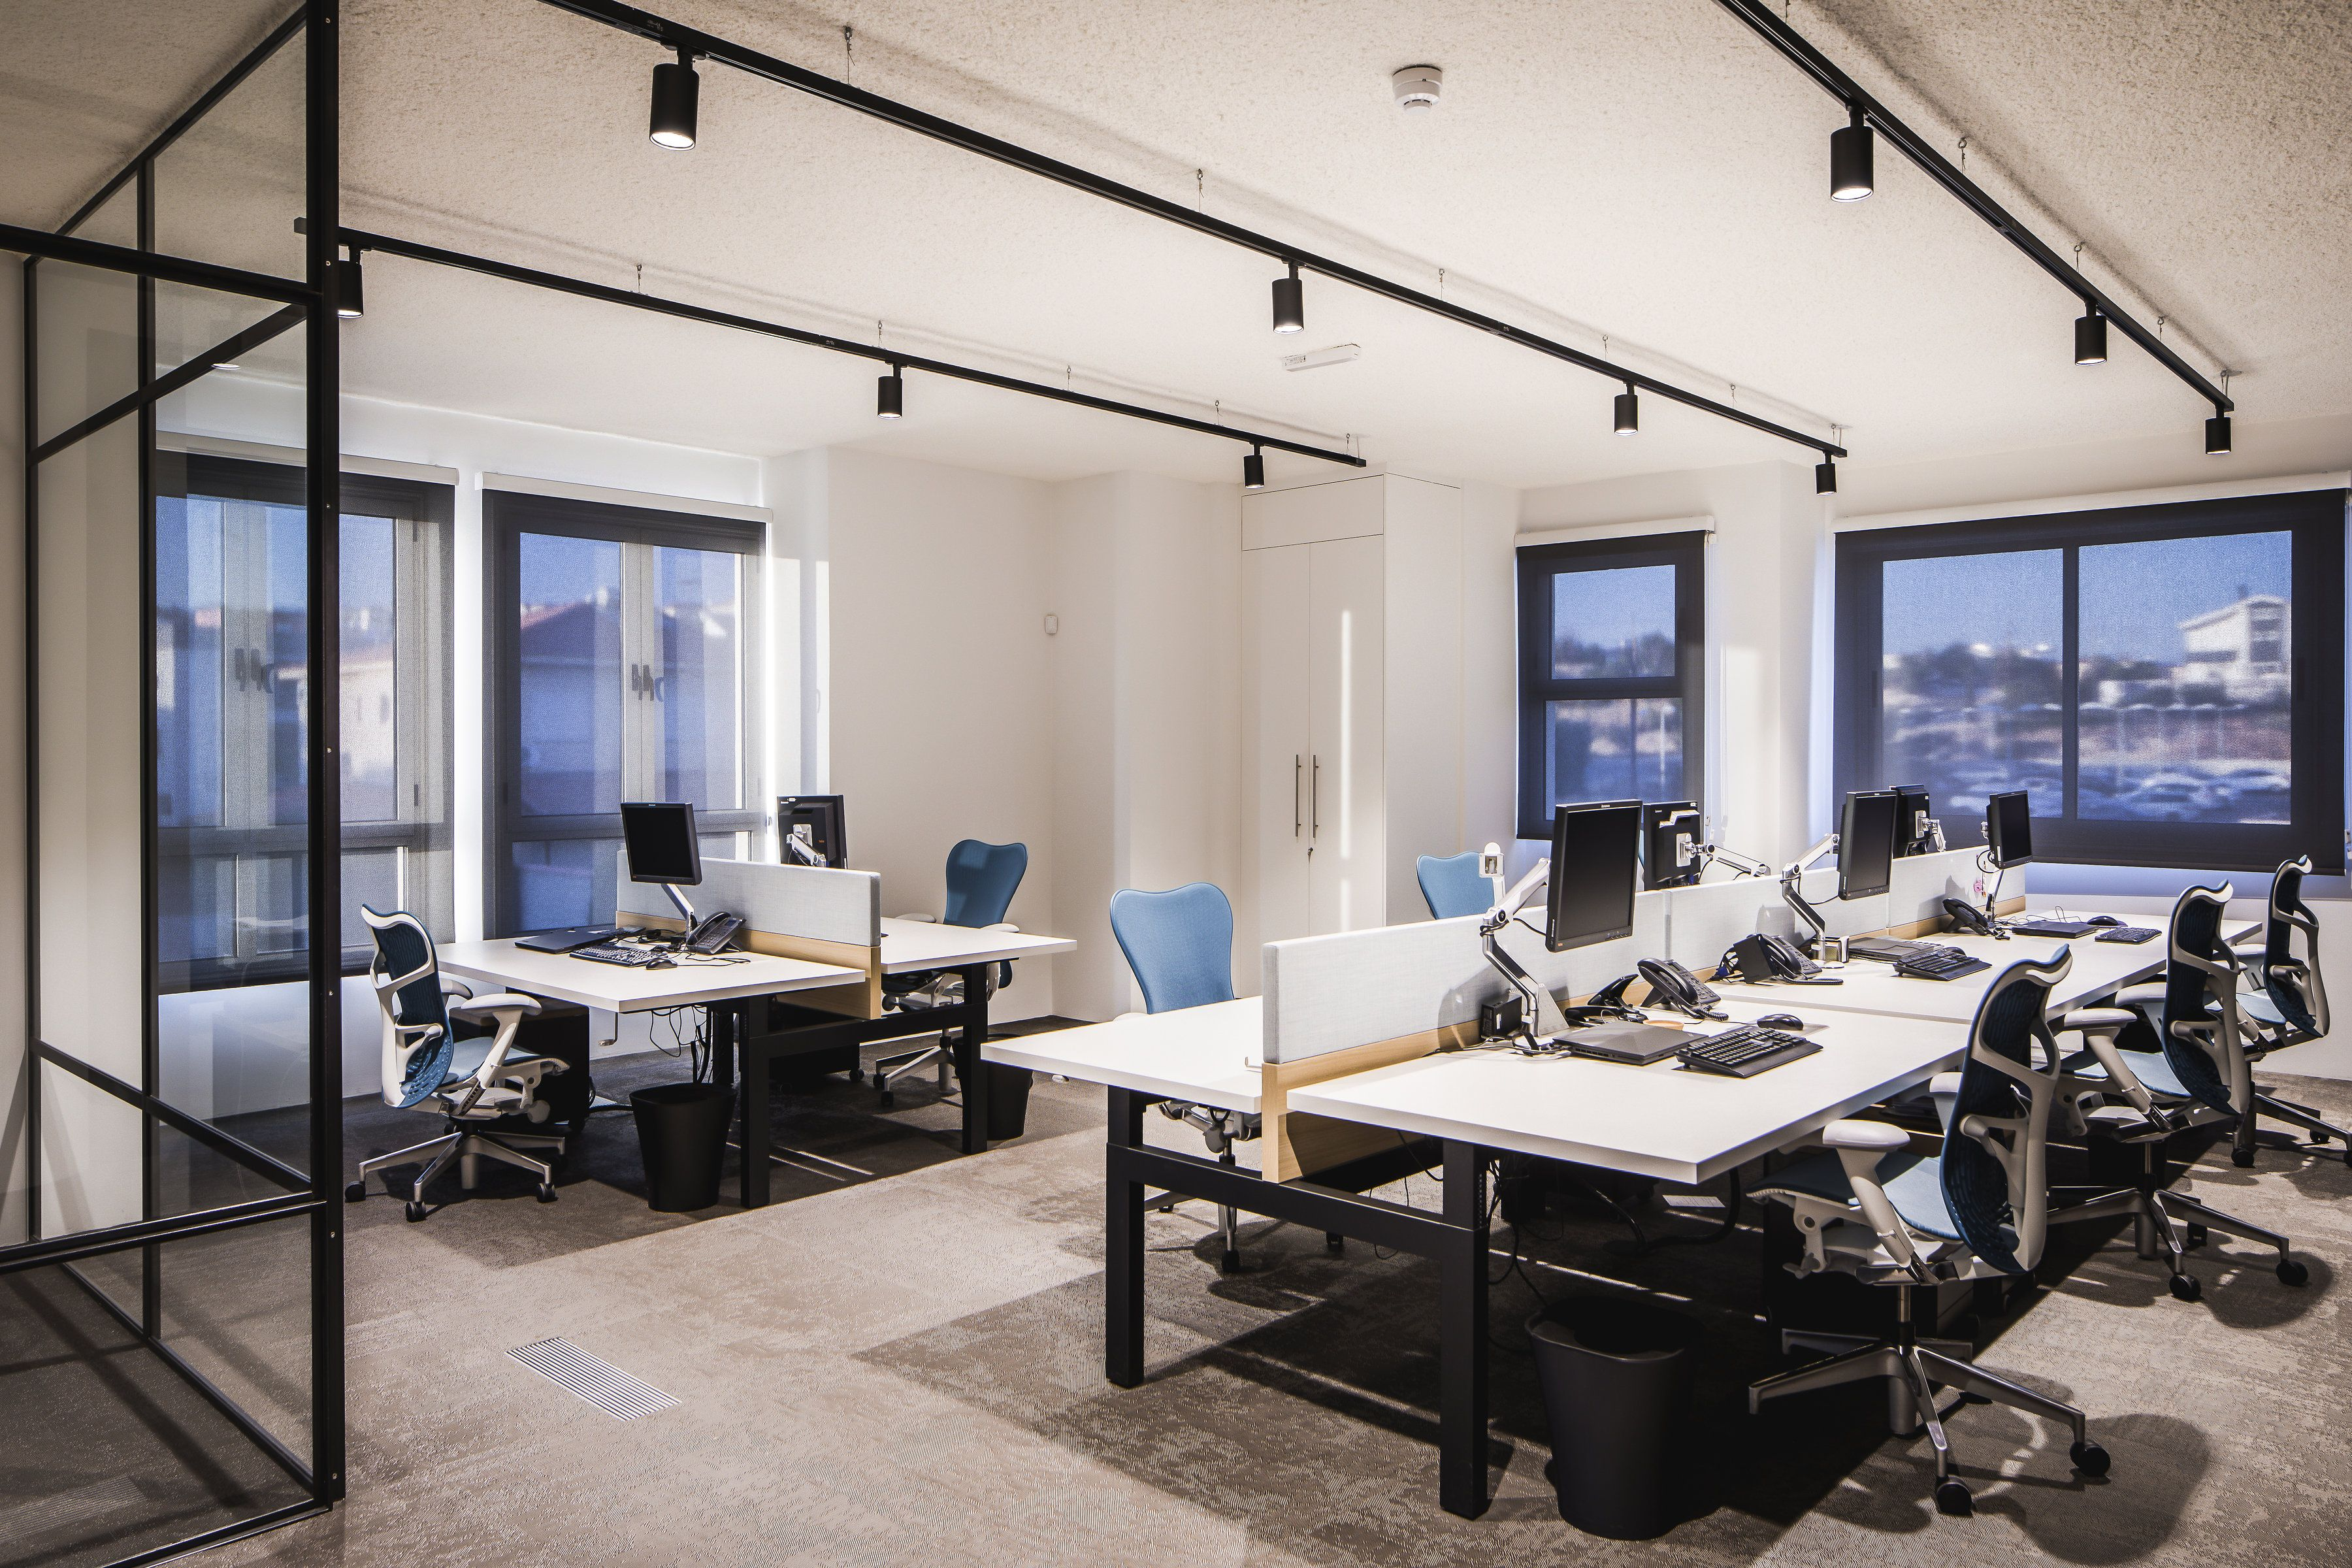 Een industrieel en stoer kantoorinterieur met verwijzingen for Kantoor interieur ideeen